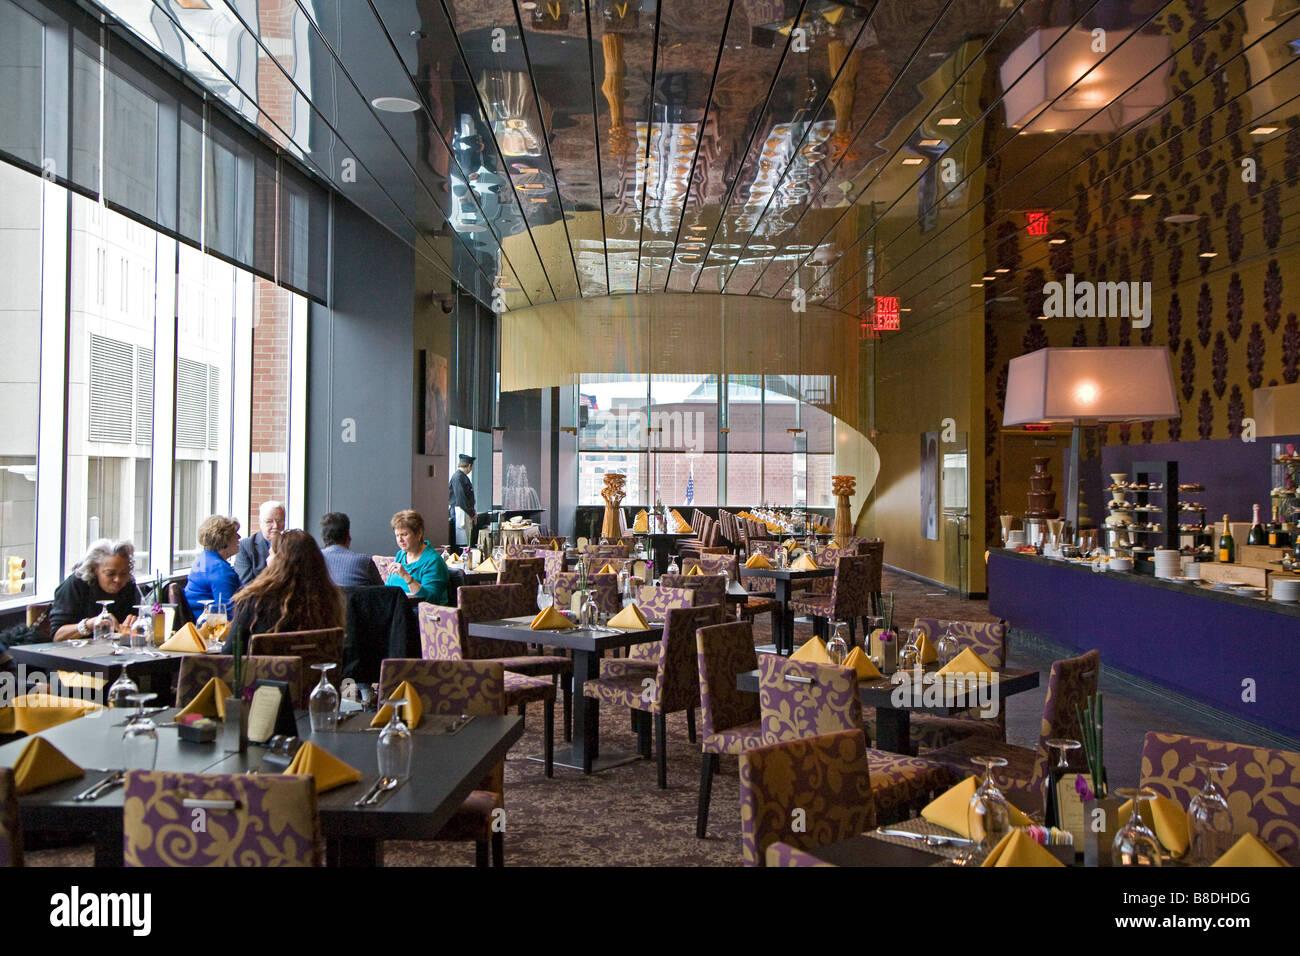 By casino greektown restaurant aruban resort and casino review